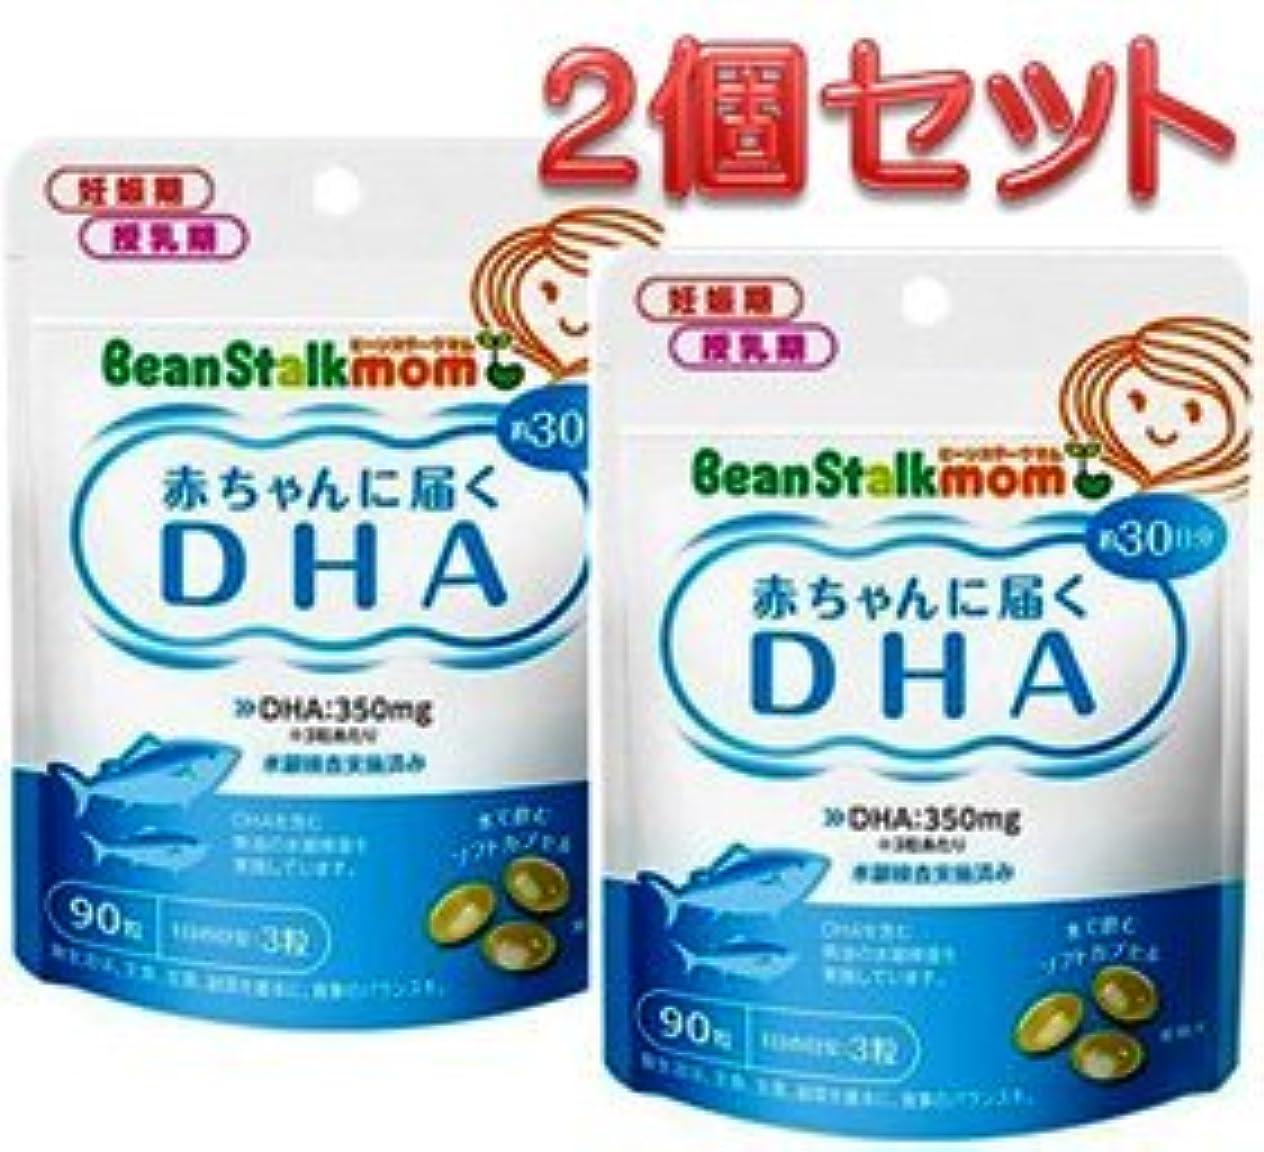 ハブ自明デコラティブビーンスターク?スノー ビーンスタークマム 母乳にいいもの赤ちゃんに届くDHA90粒(30日分) ×2個セット2か月分